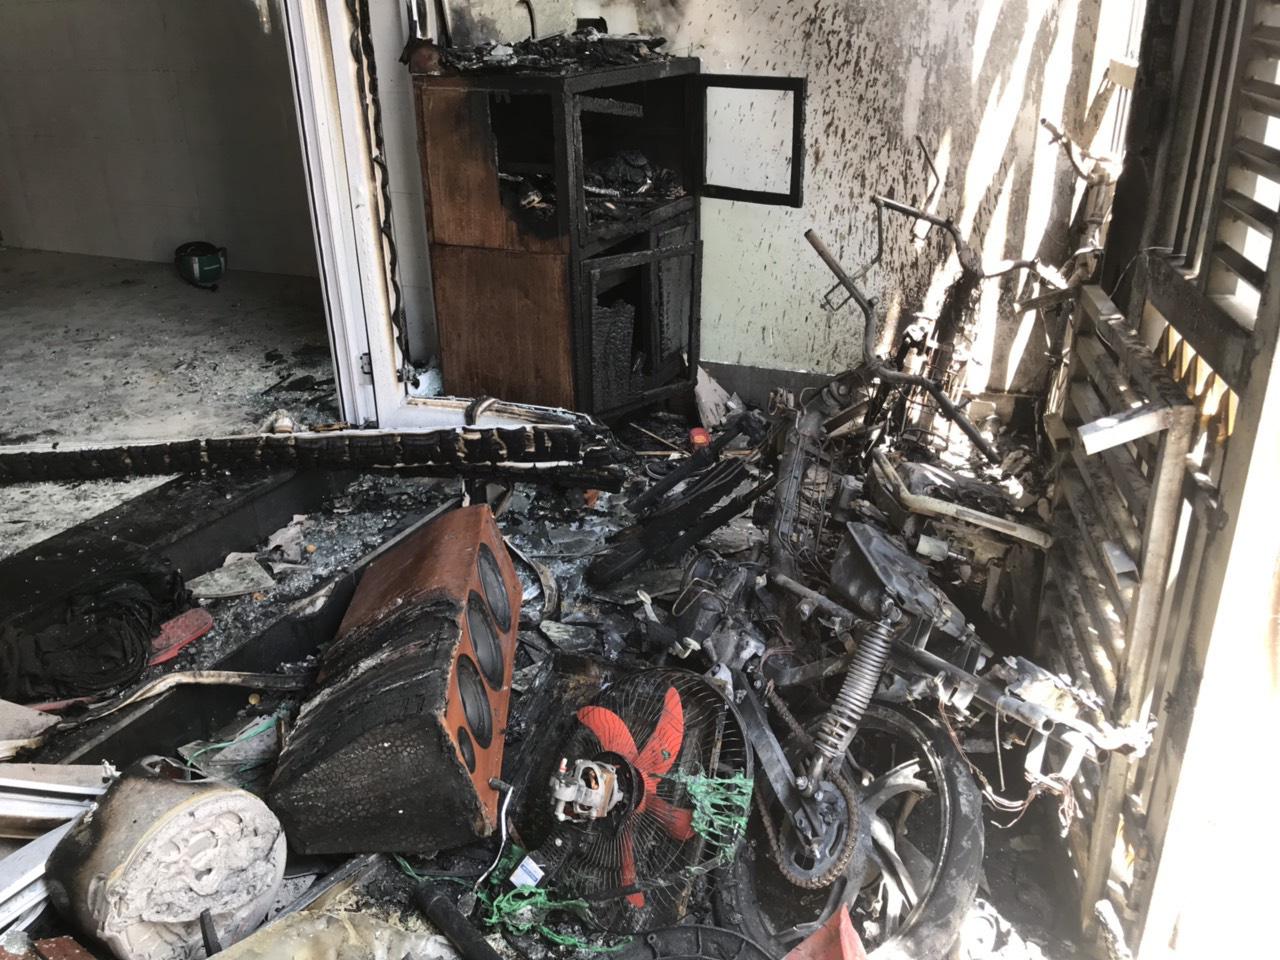 Nghi án mua xăng về tự phóng hỏa đốt cả 5 người trong nhà - Ảnh 2.